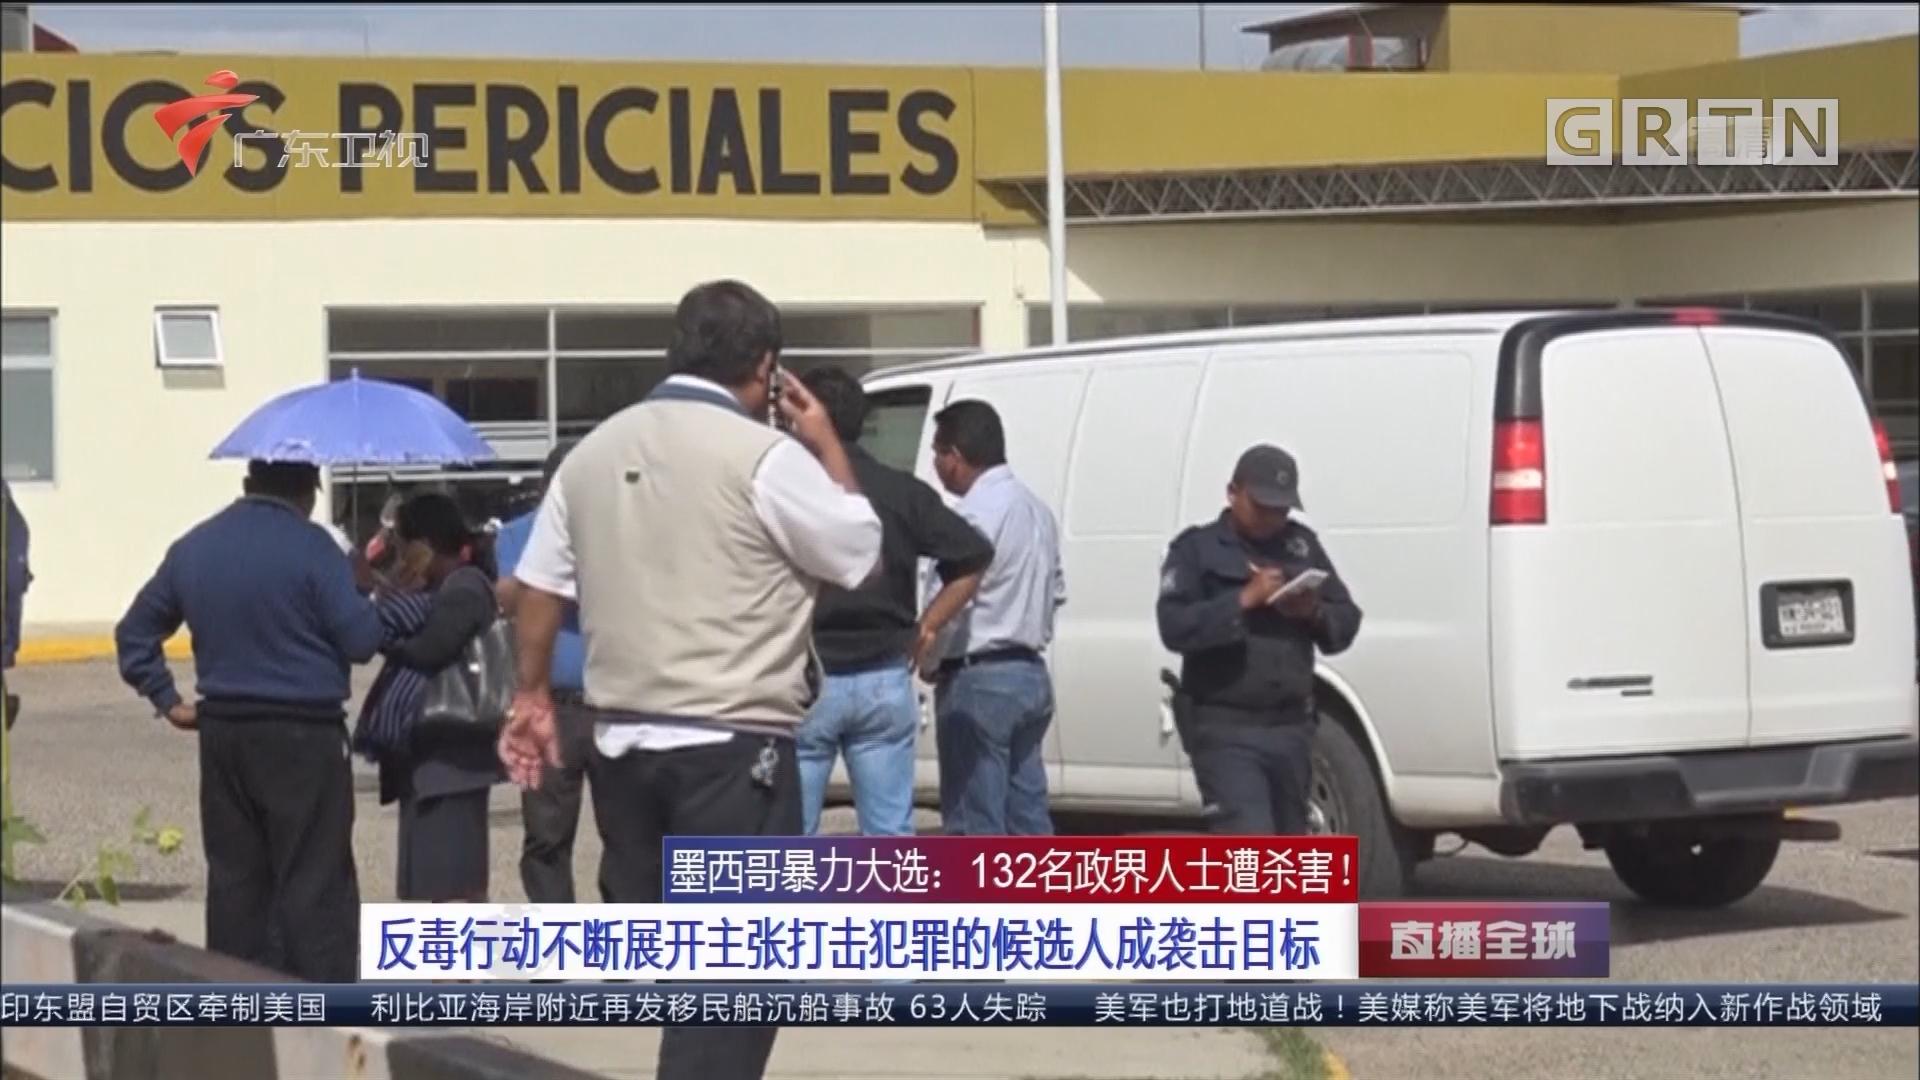 墨西哥暴力大选:132名政界人士遭杀害!反毒行动不断展开主张打击犯罪的候选人成袭击目标